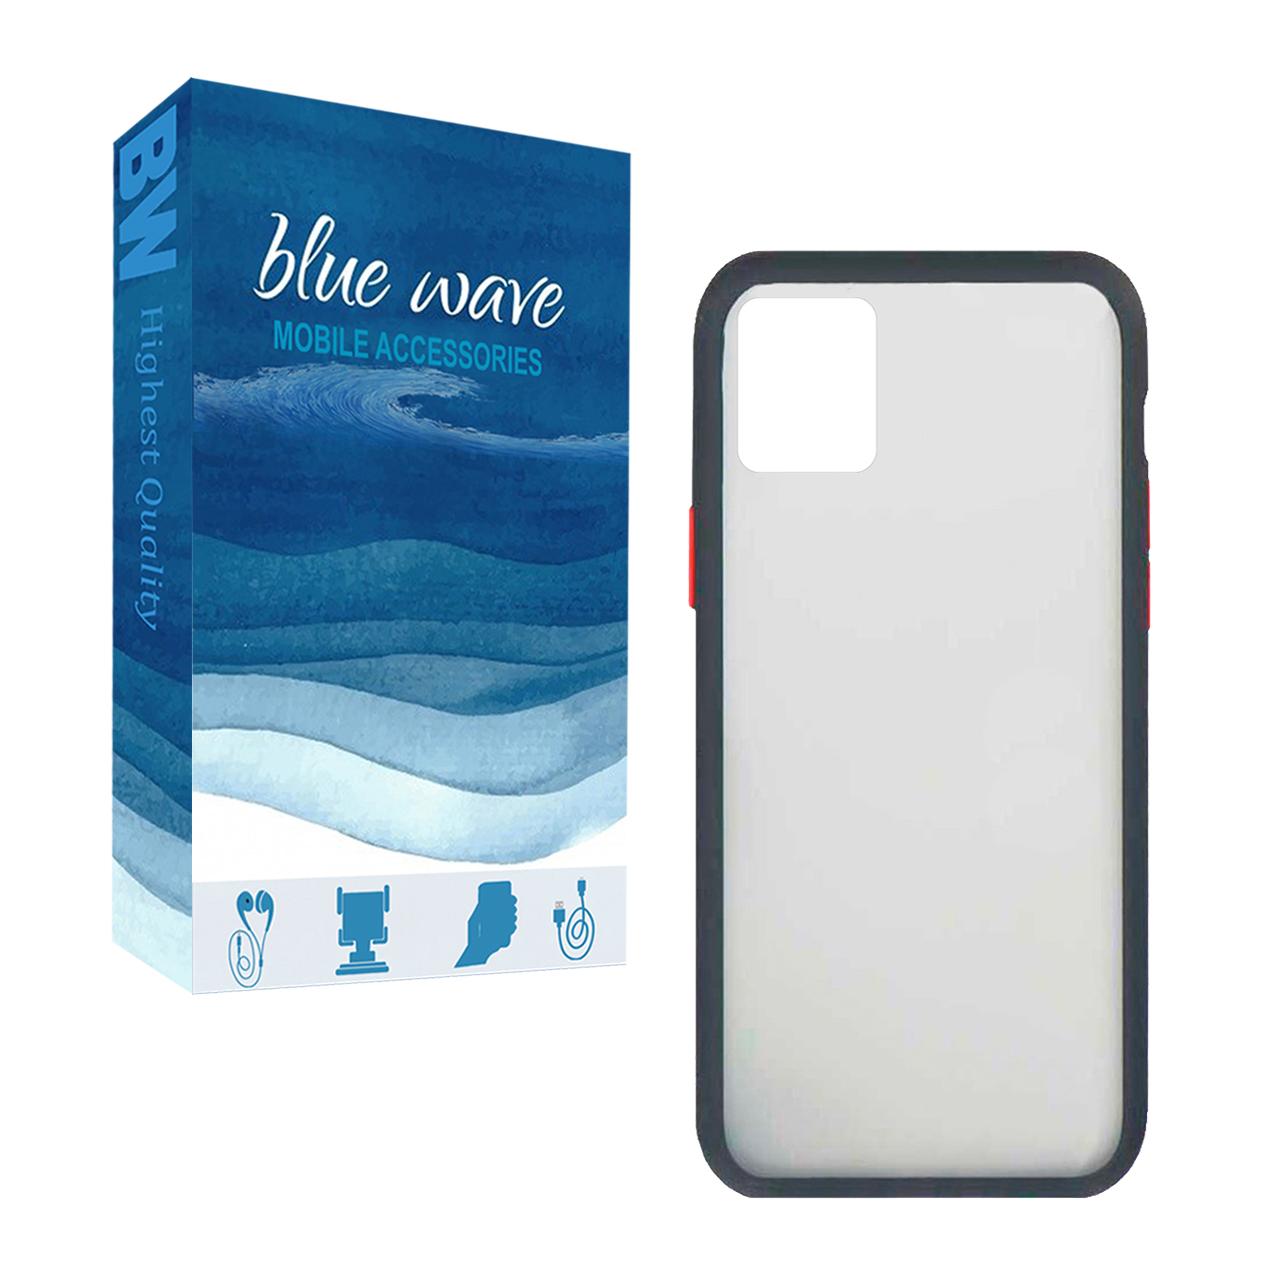 کاور بلو ویو مدل BWPC-1 مناسب برای گوشی موبایل سامسونگ Galaxy A31